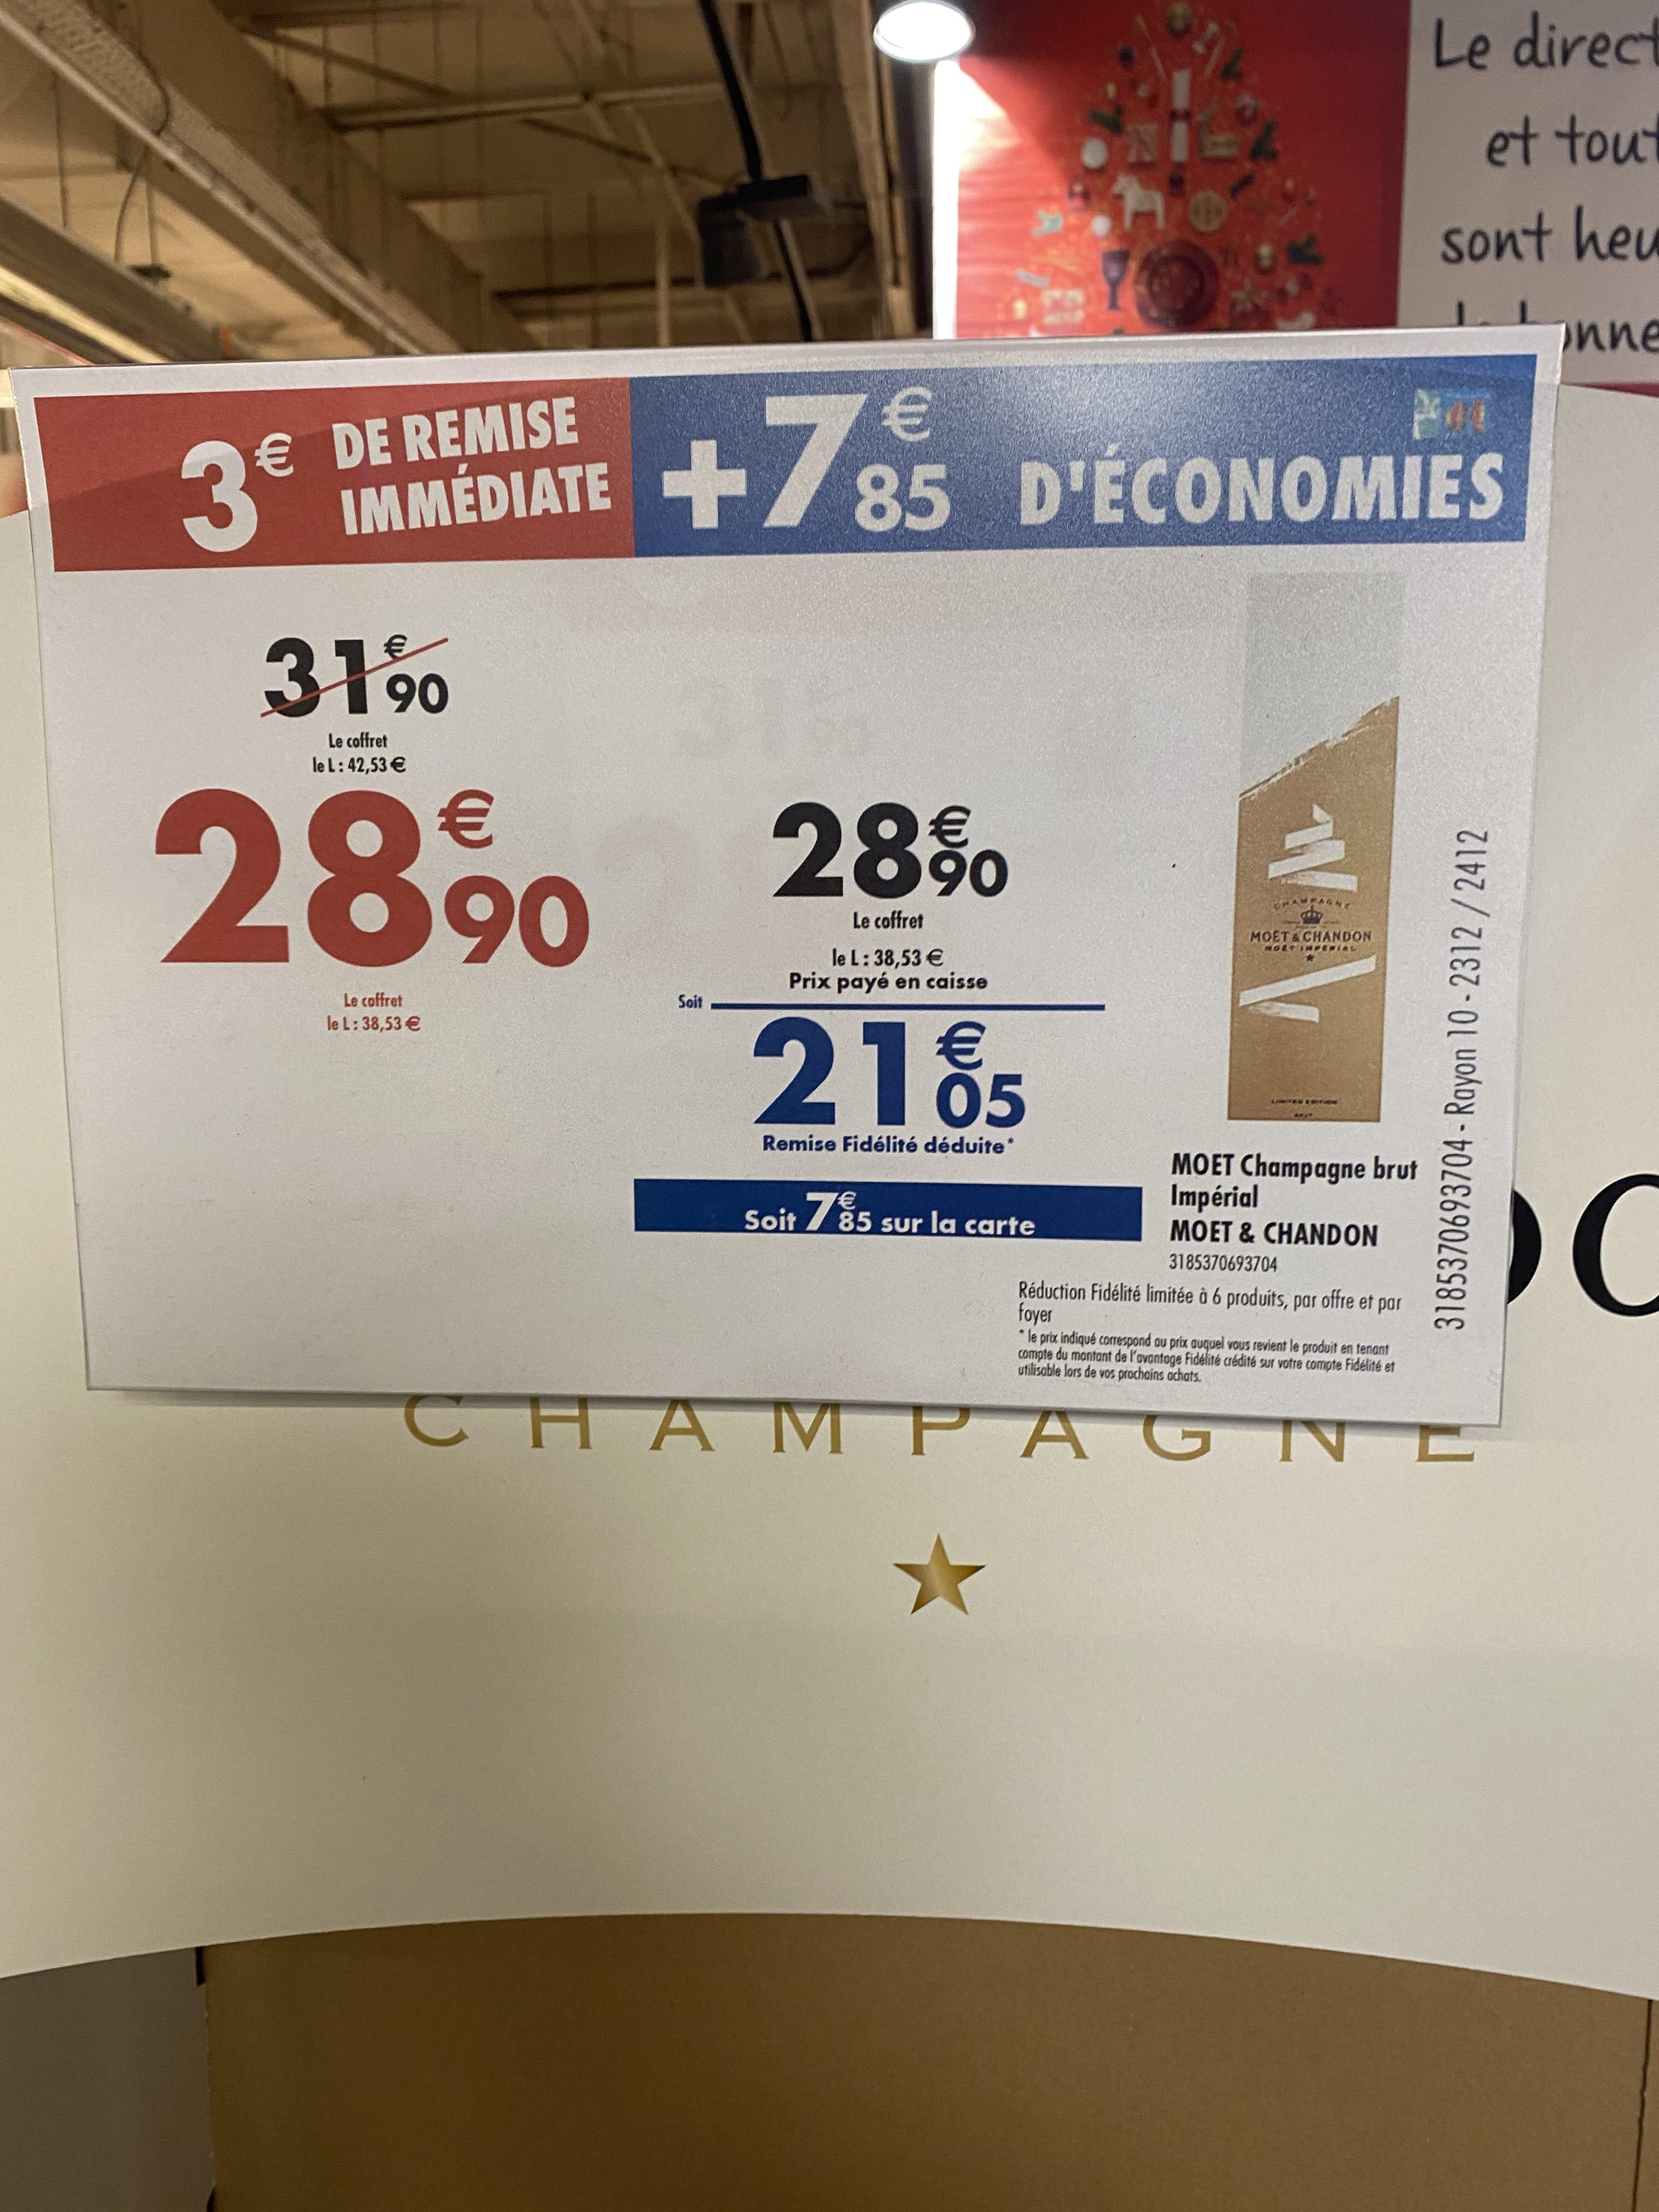 Bouteille de Champagne Moët et chandon brut impérial (Via Carte de Fidélité) - Lyon La Part-Dieu (69)